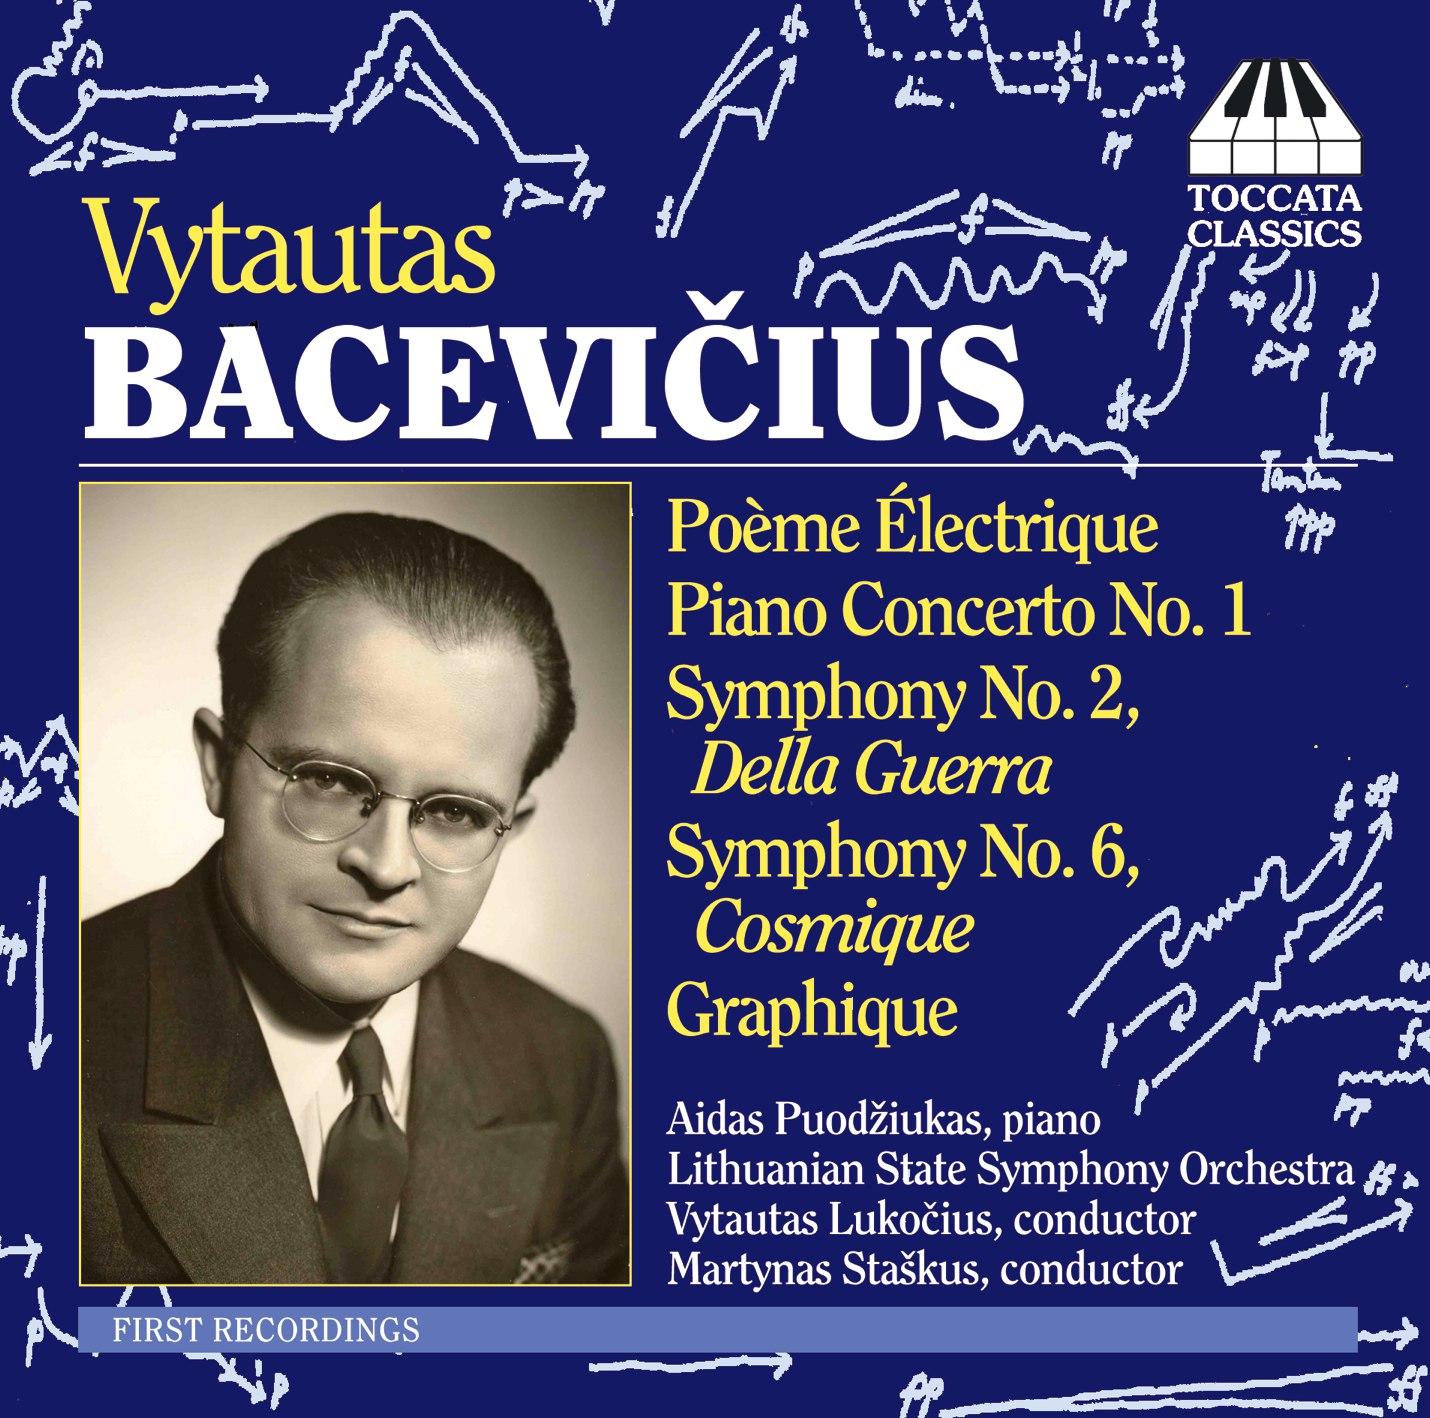 Vytautas Bacevičius: Orchestral Music